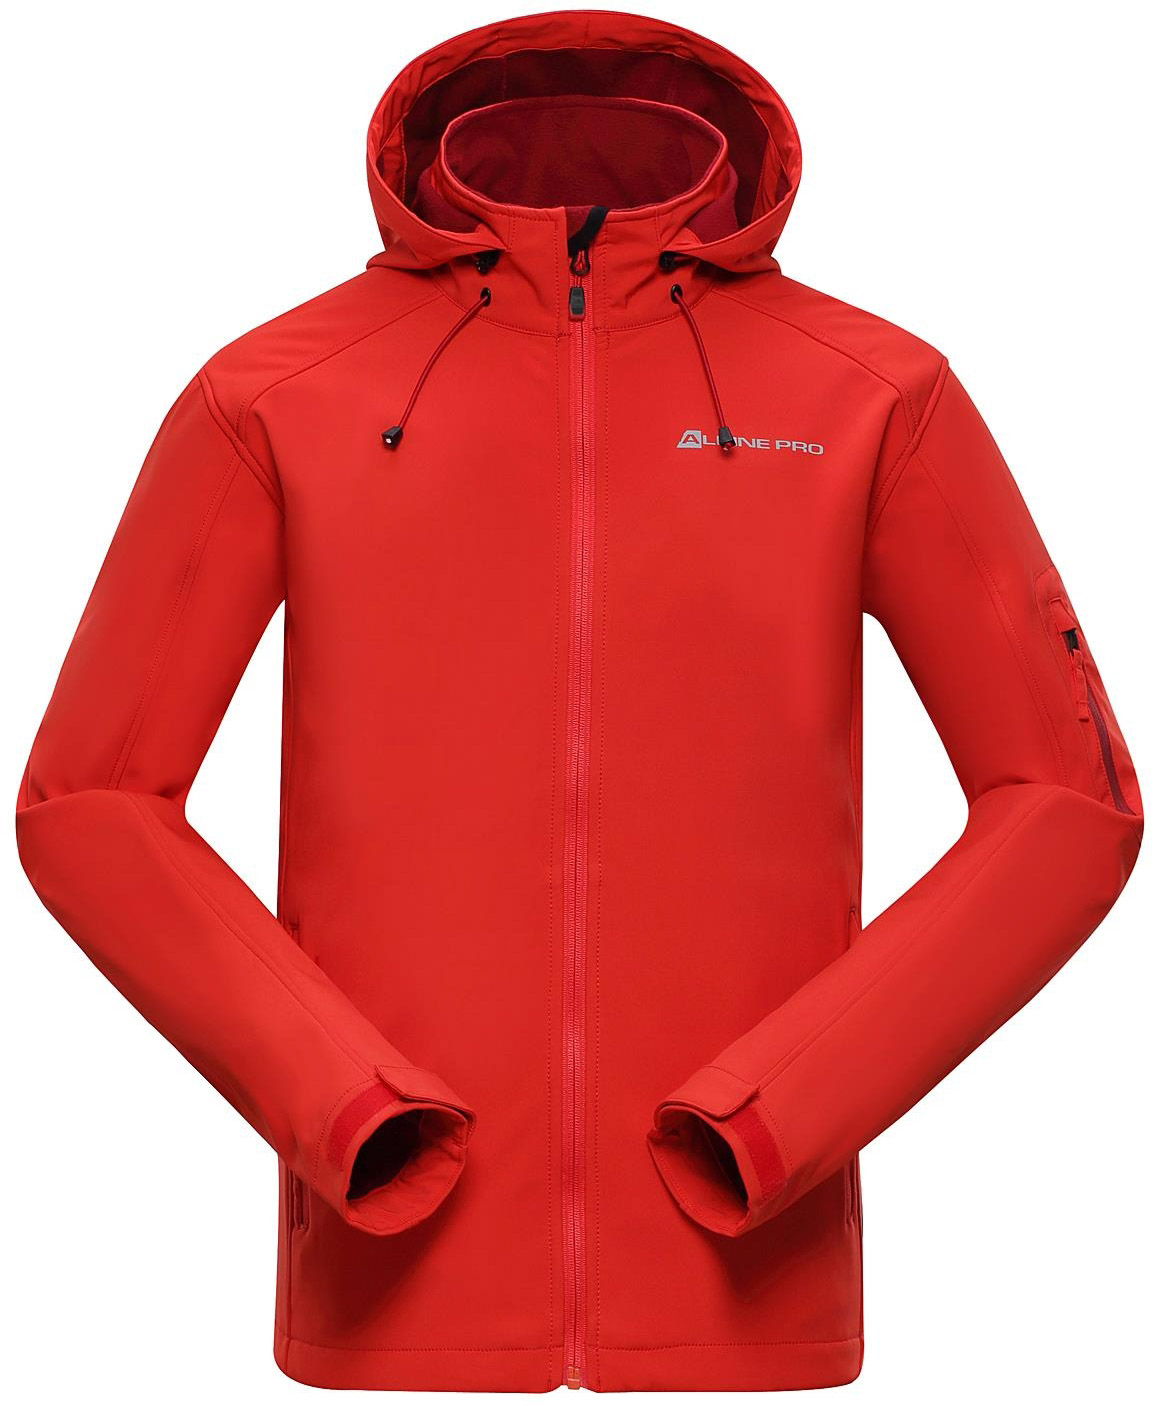 Oblečení   Pánská softhsellová bunda Alpine Pro Nootk 3797c07bfd6